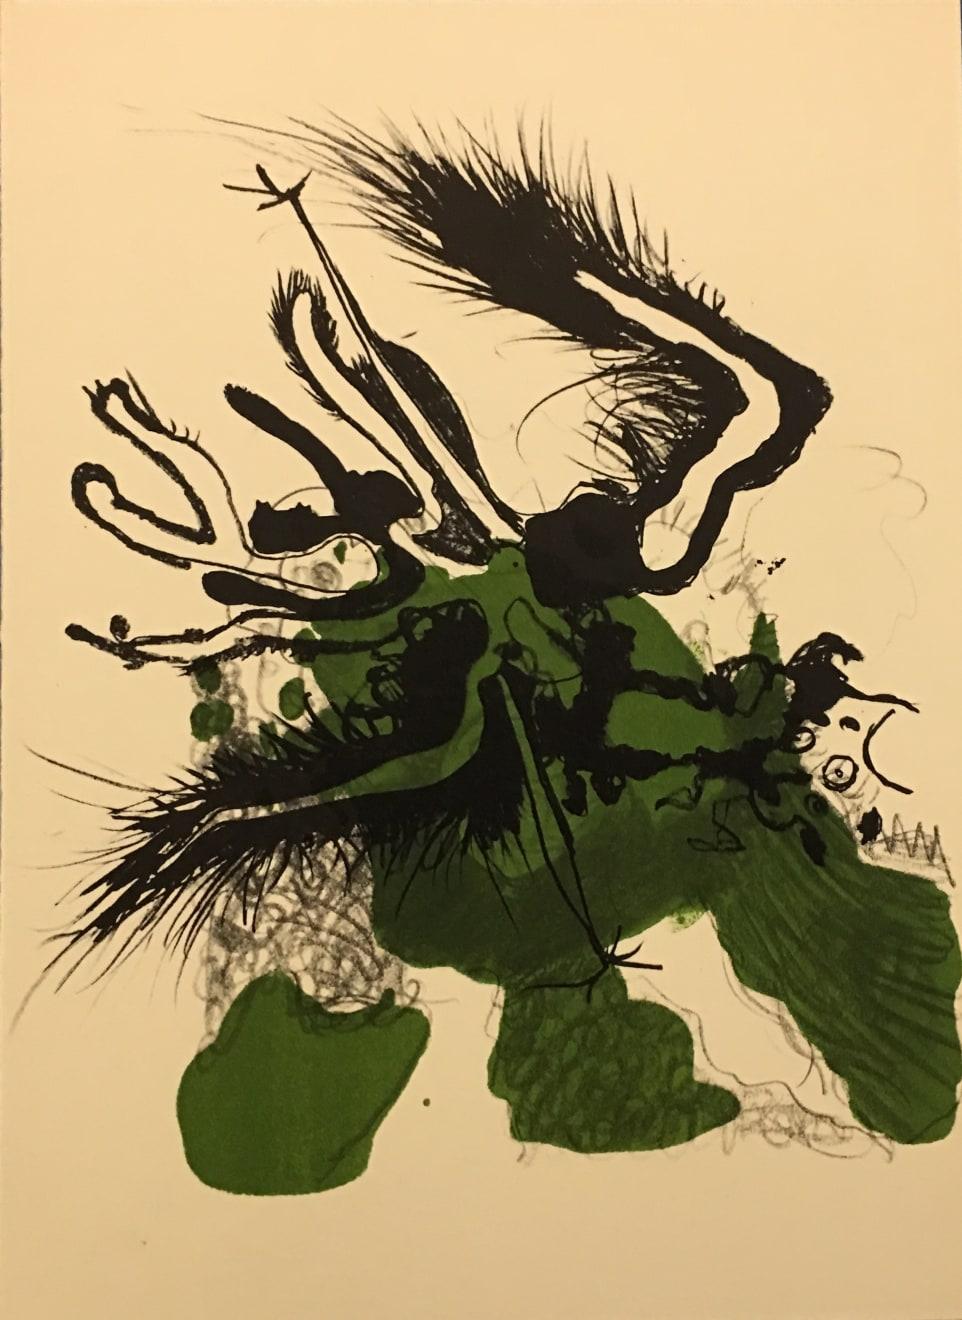 Summer Auction 2020, LOT 123 - Paul Rebeyrolle - 'From Derrière Le Miroir', 1969